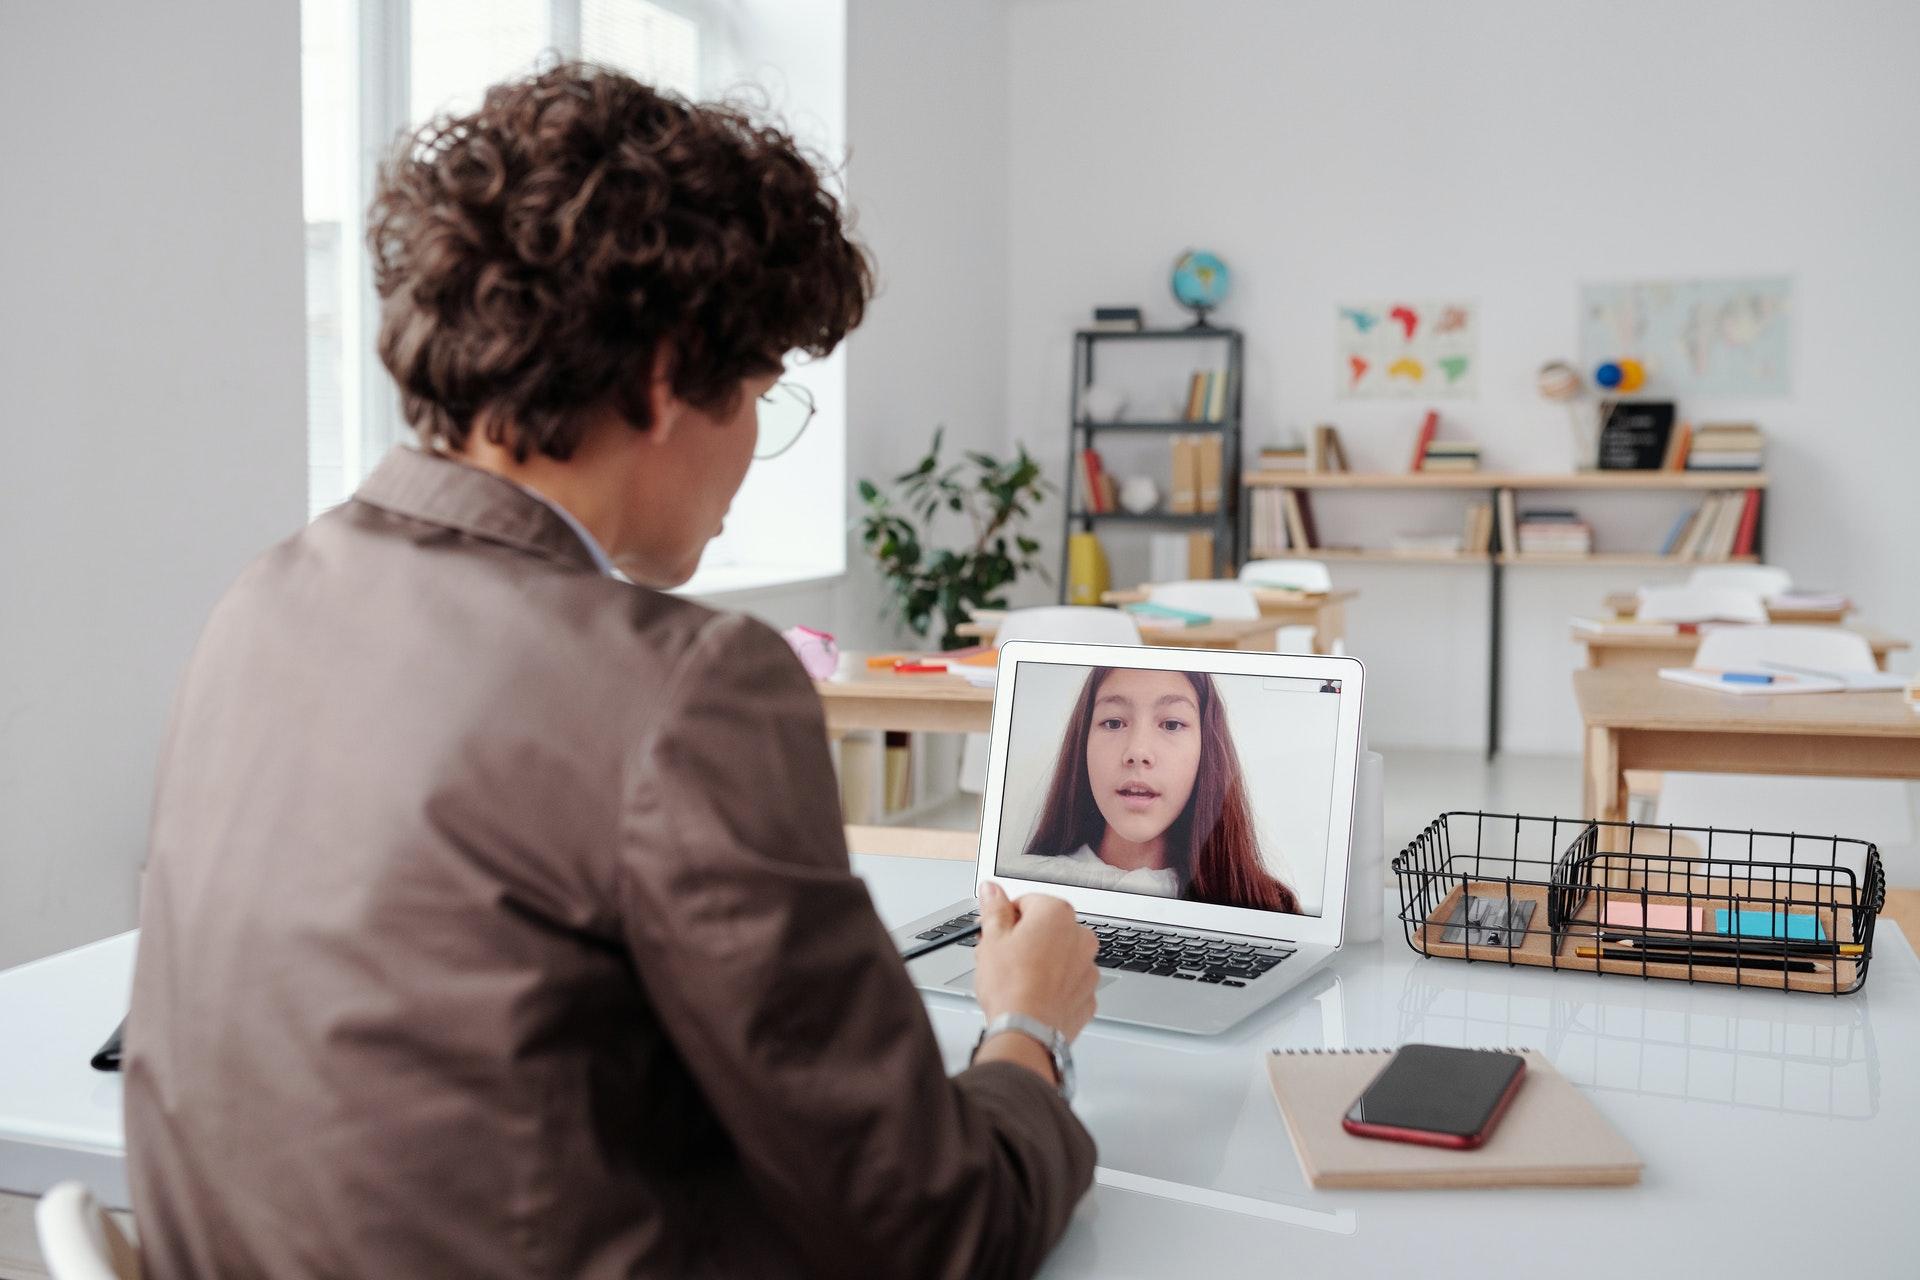 Vemos uma pessoa conversando com outra pelo computador (imagem ilustrativa).